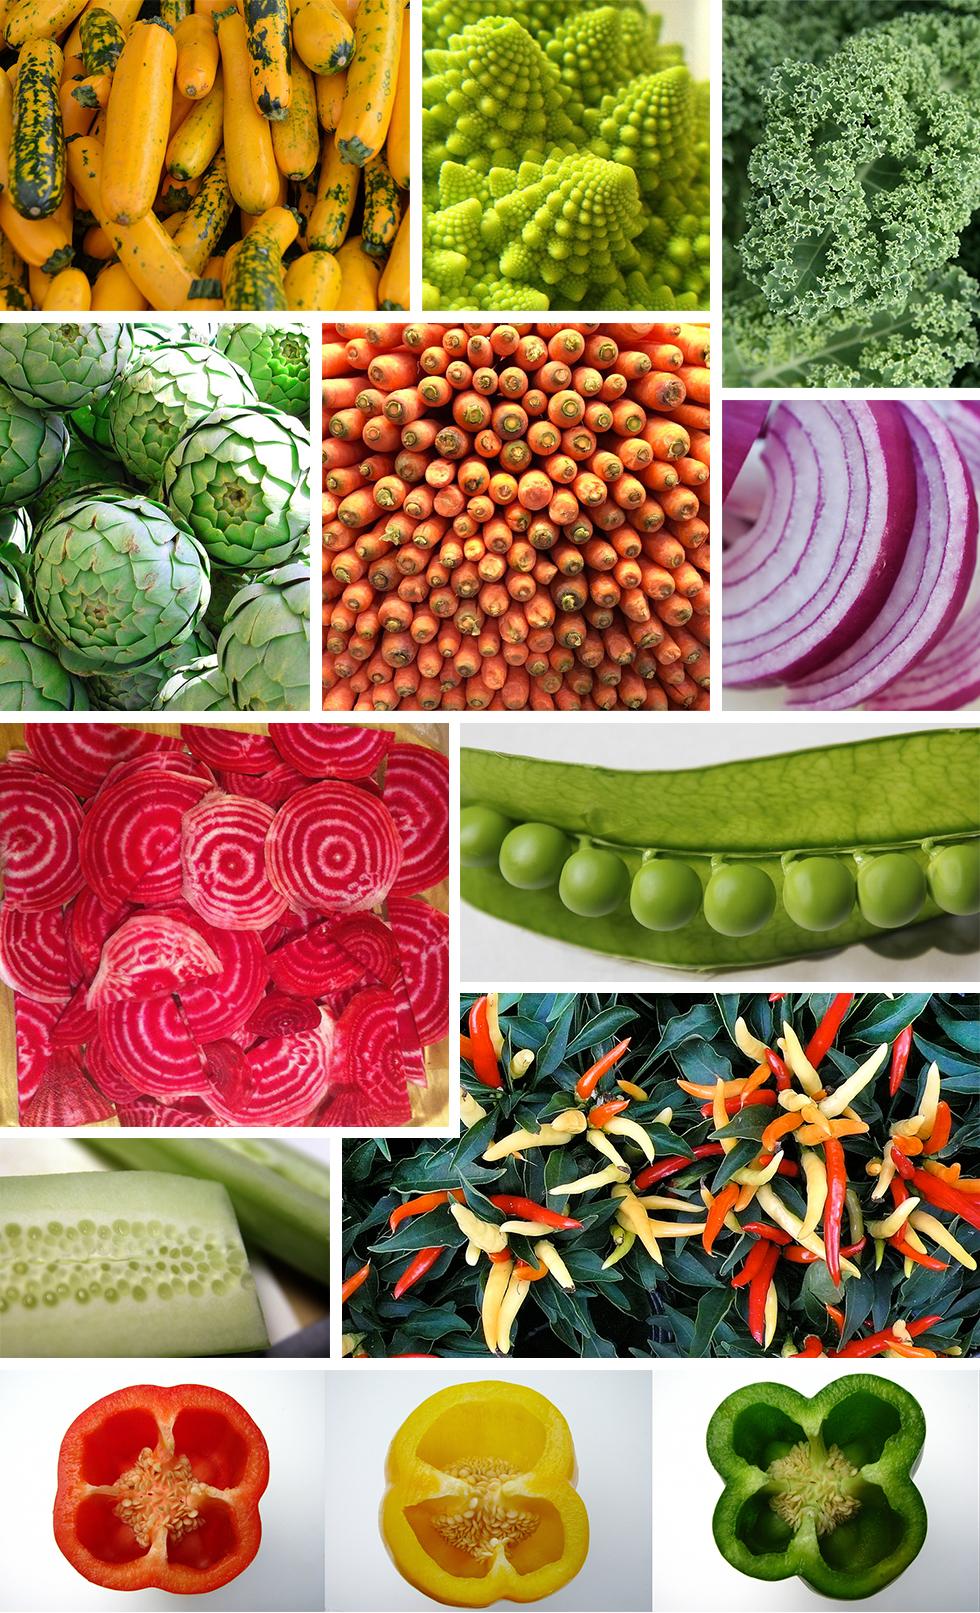 Pattern Observer Found Patterns - Vegetables https://patternobserver.com/2016/05/18/found-patterns-vegetables/ 